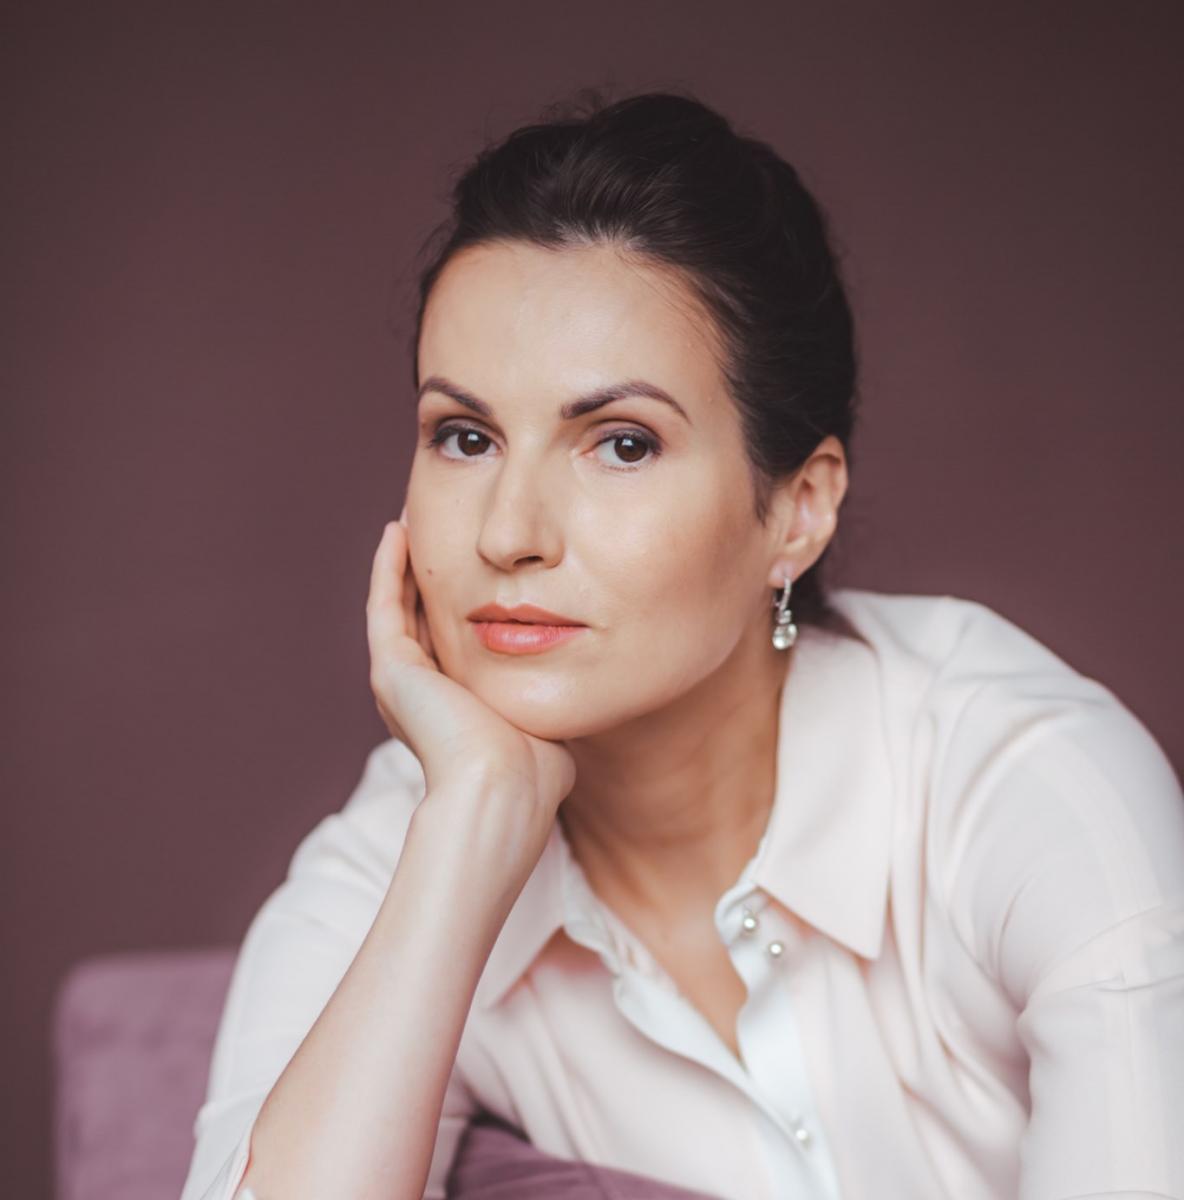 Женская лига Российского еврейского конгресса объявила о старте программы по борьбе с домашним насилием